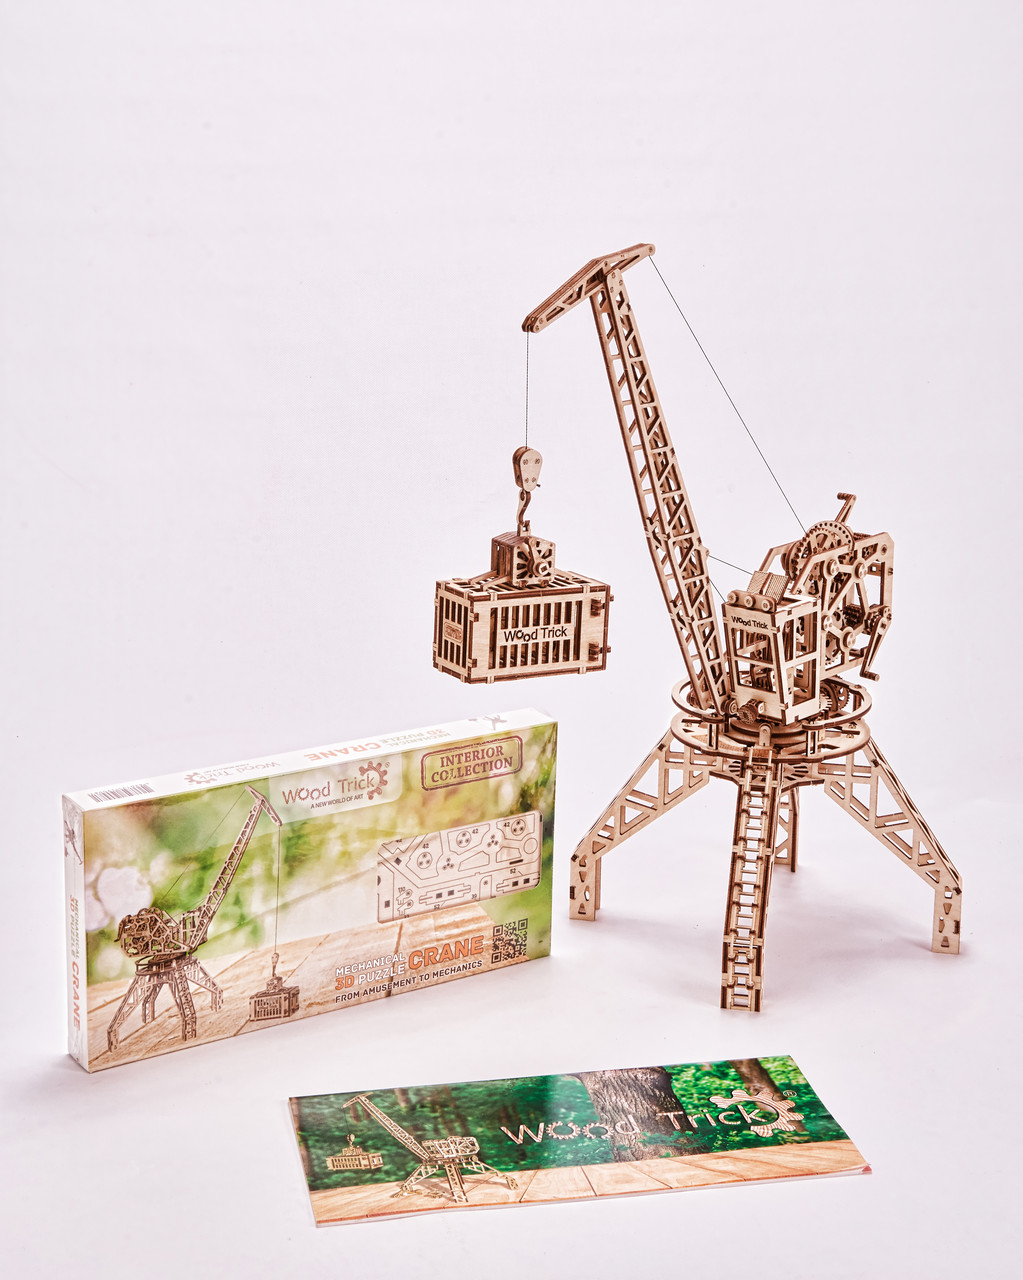 Конструктор деревянный Кран  3D. Wood trick пазл. 100% ГАРАНТИЯ КАЧЕСТВА!!! (Опт,дропшиппинг)